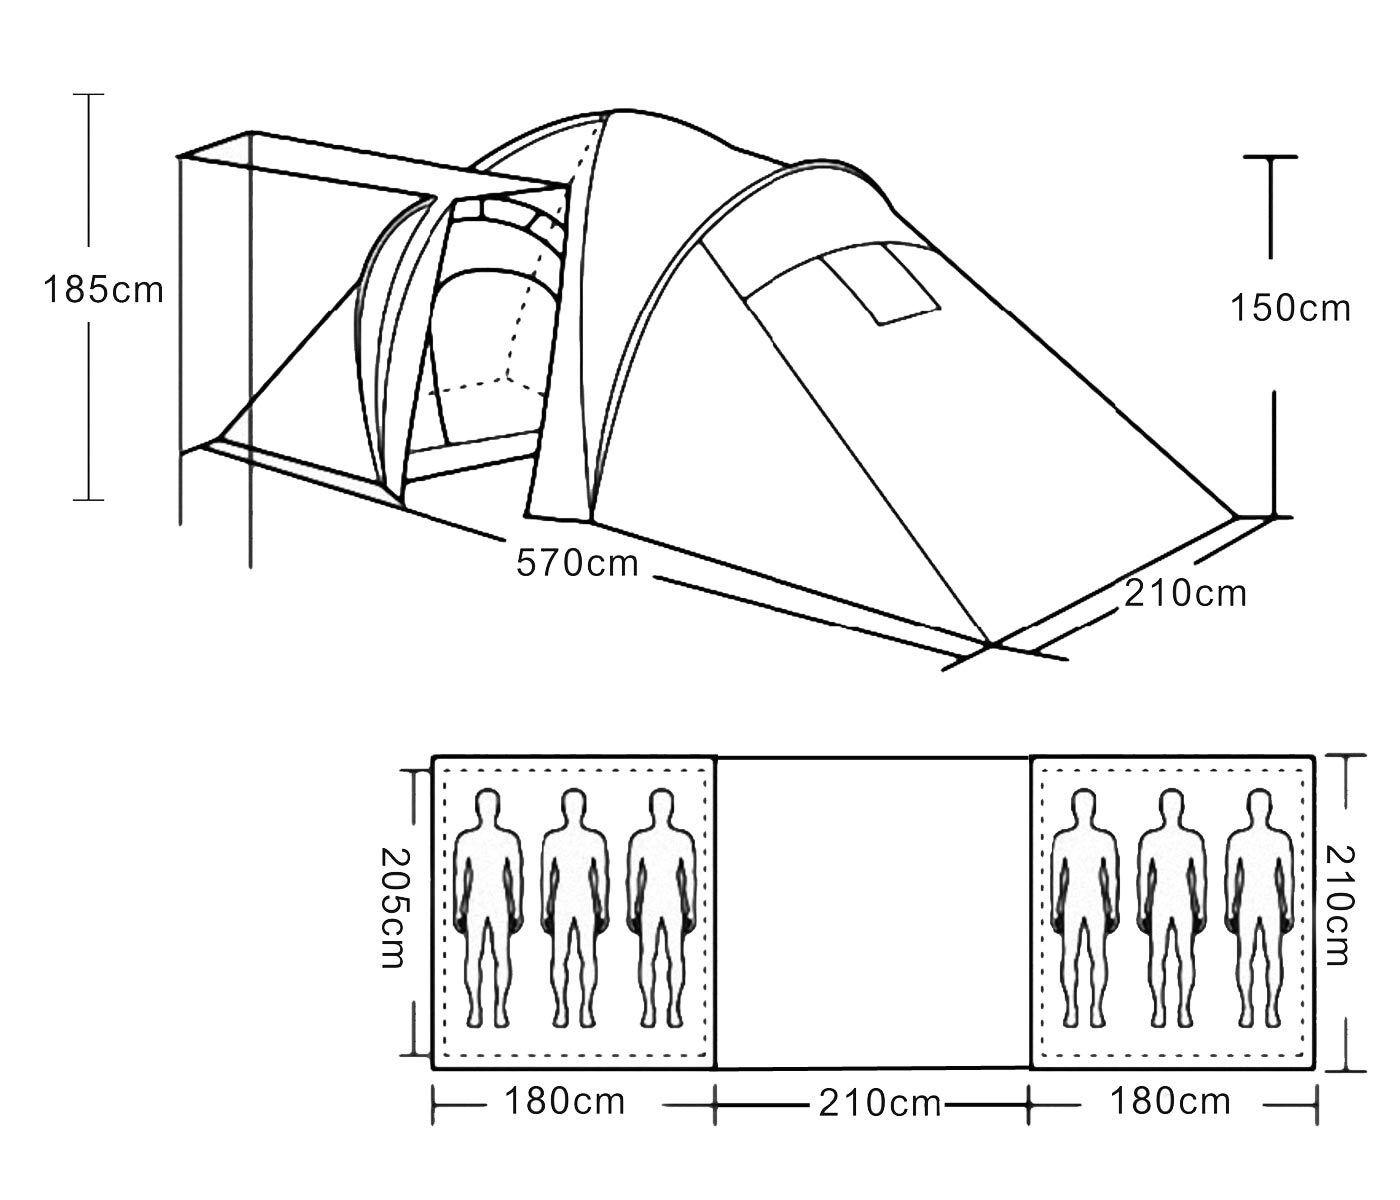 Tente de camping tente Loksa, 6-homme tente Kuppelzelt Igluzelt Festival-Tente, Festival-Tente, Igluzelt 6 personnes 40398d